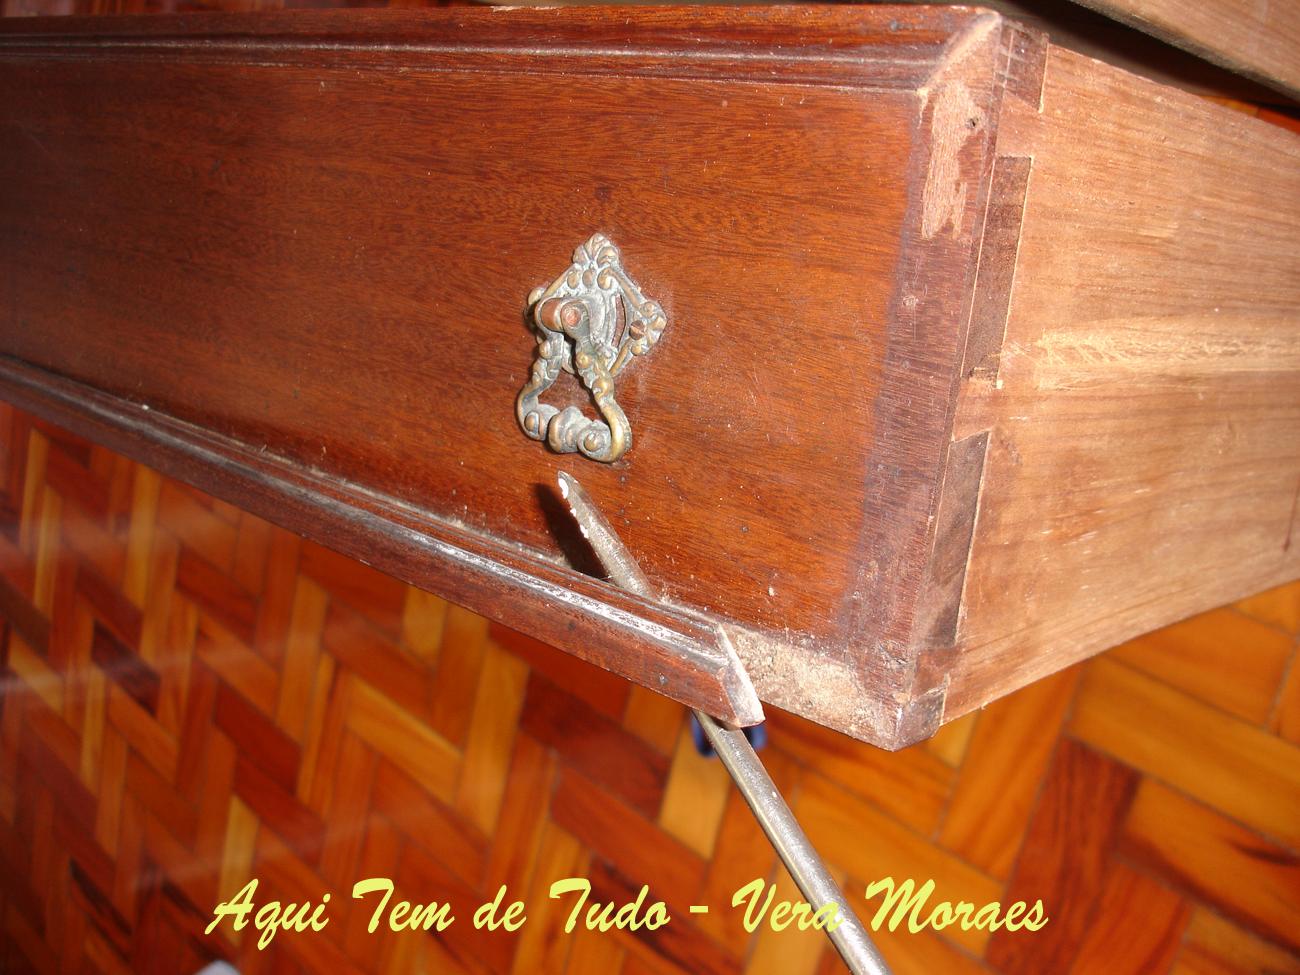 blog Vera Moraes Decoração Adesivos Azulejos Papelaria  #B4490E 1300x975